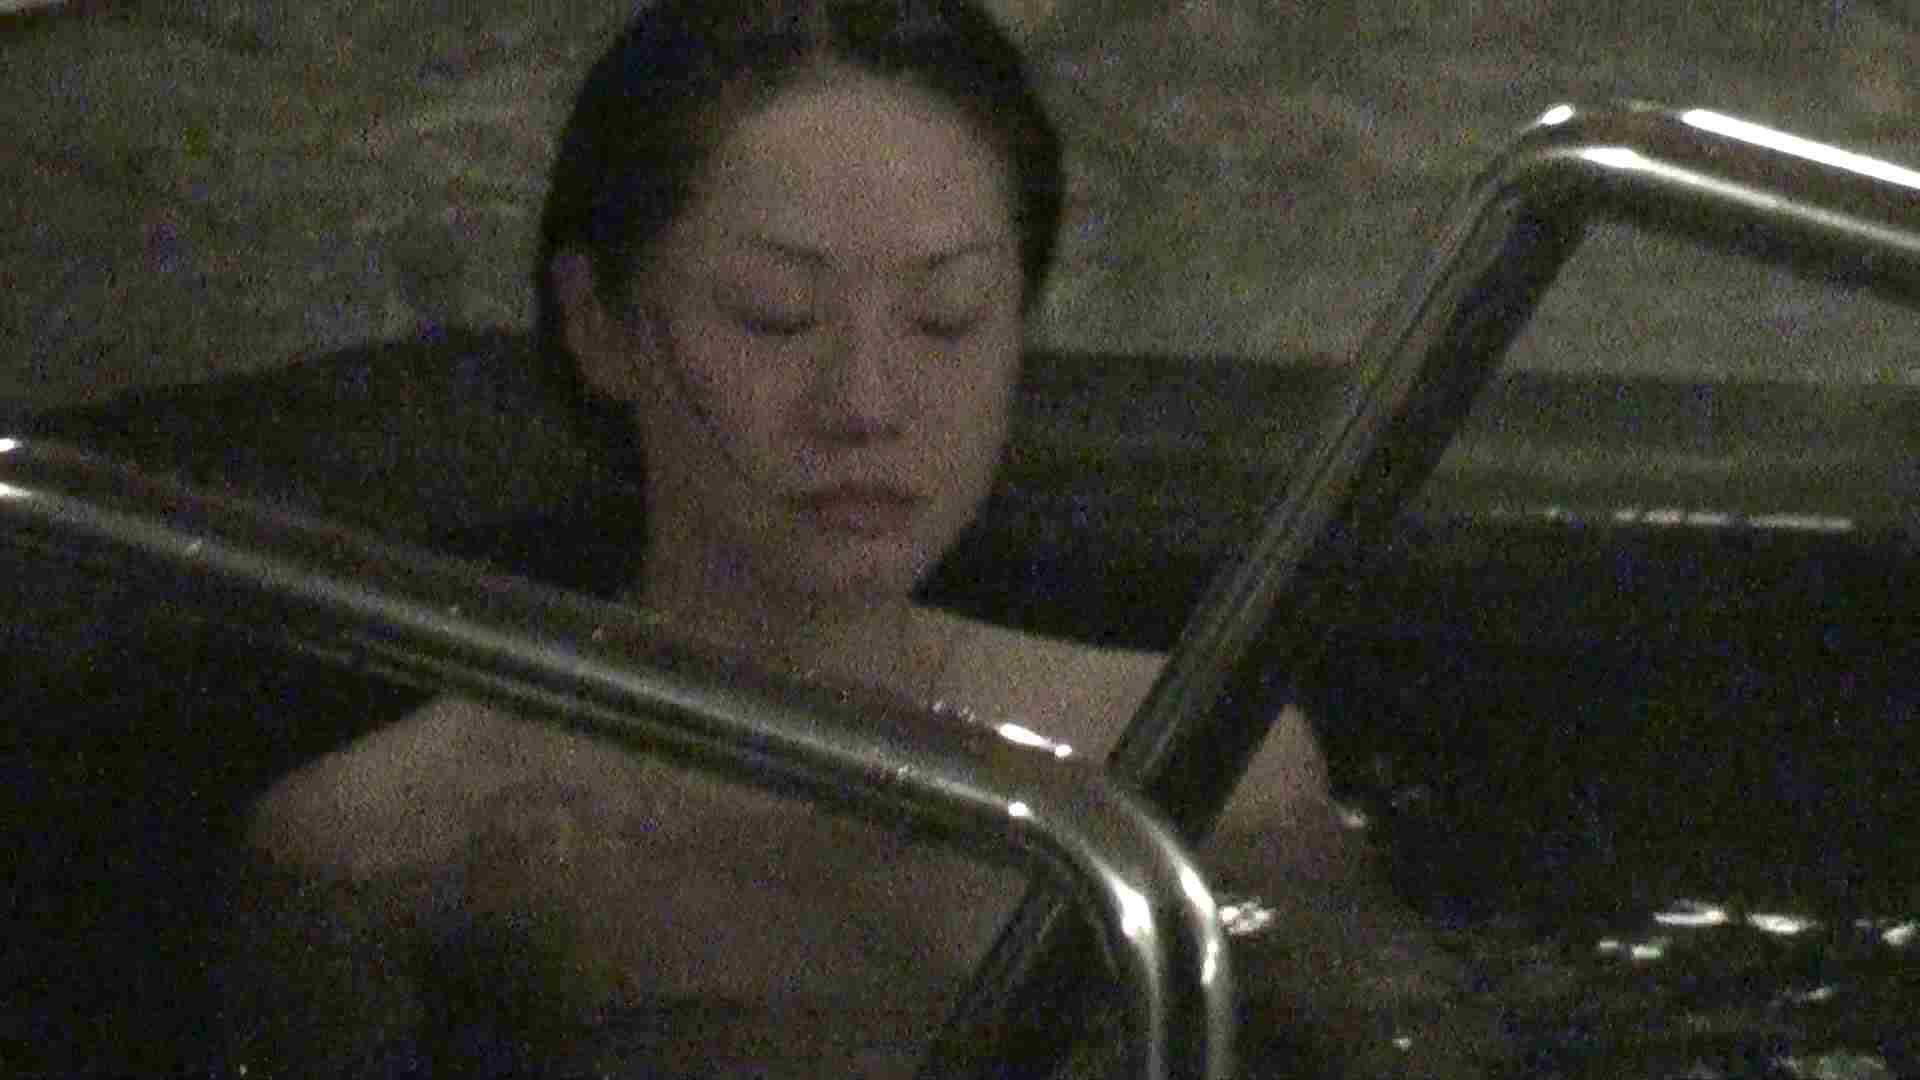 Aquaな露天風呂Vol.318 露天  48画像 42